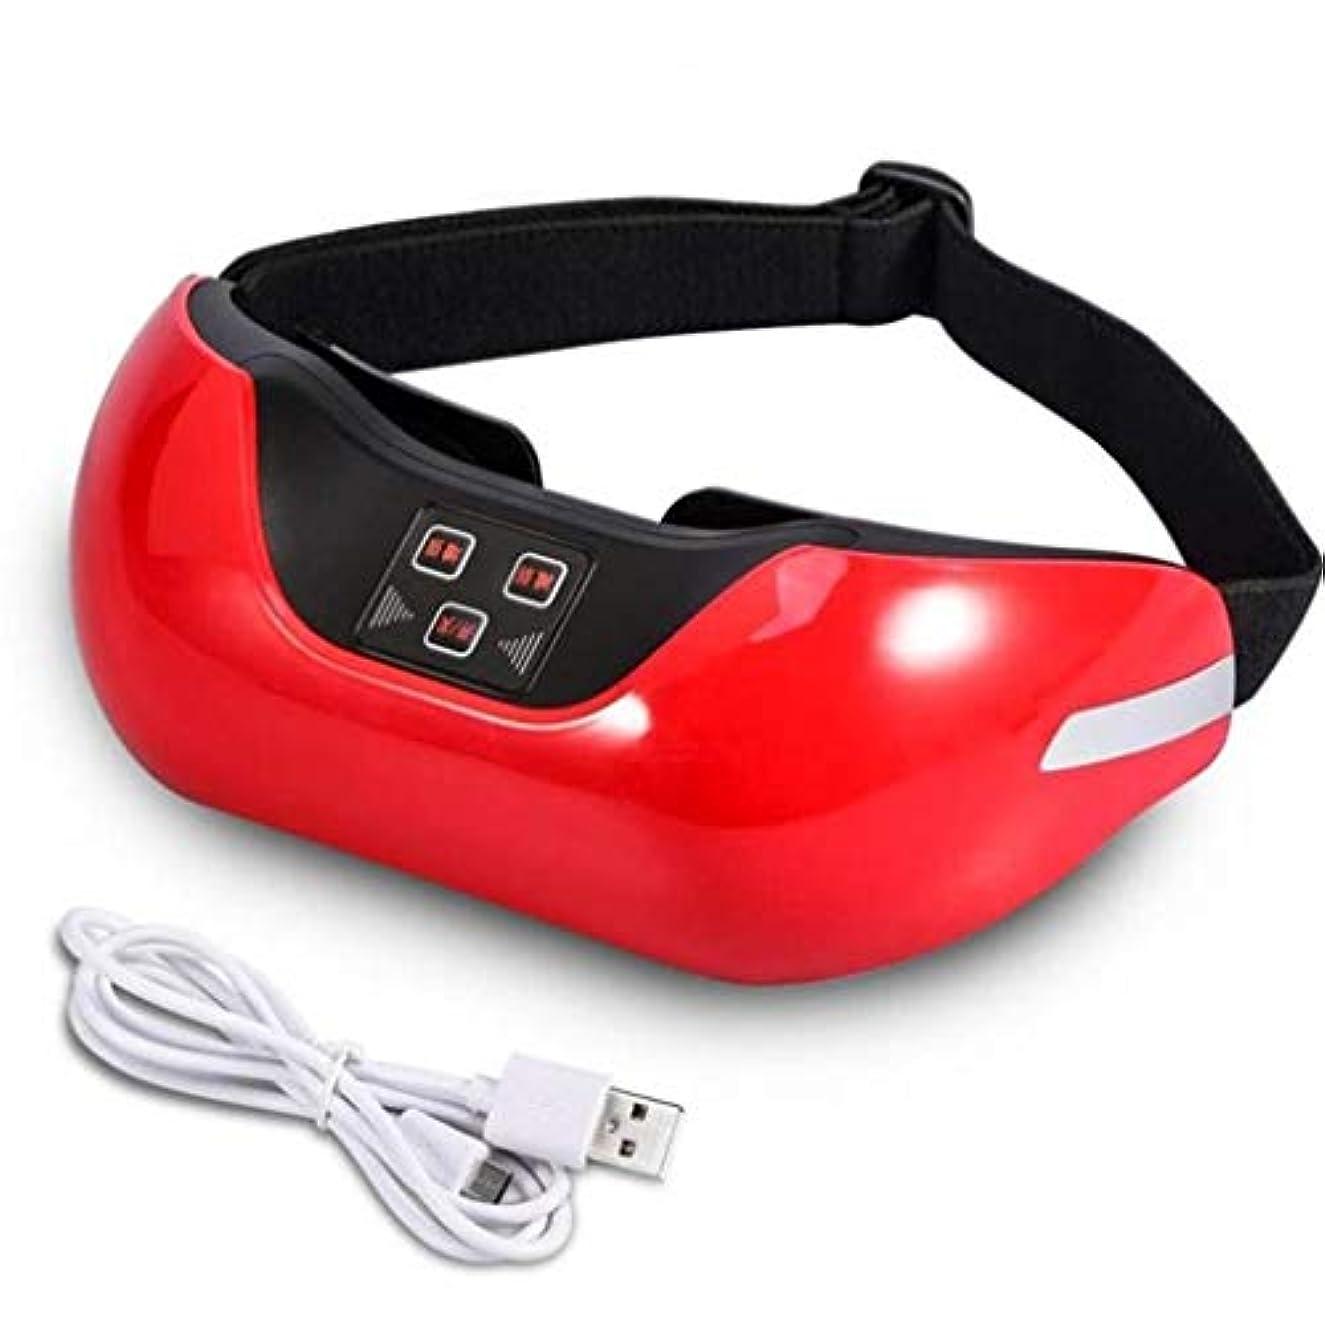 文化多用途世界記録のギネスブックアイマッサージャー、ワイヤレス3D充電式グリーンアイリカバリービジョン電動マッサージャー、修復ビジョンマッサージャー、アイケアツールは血液循環を促進し、疲労を和らげます (Color : Red)